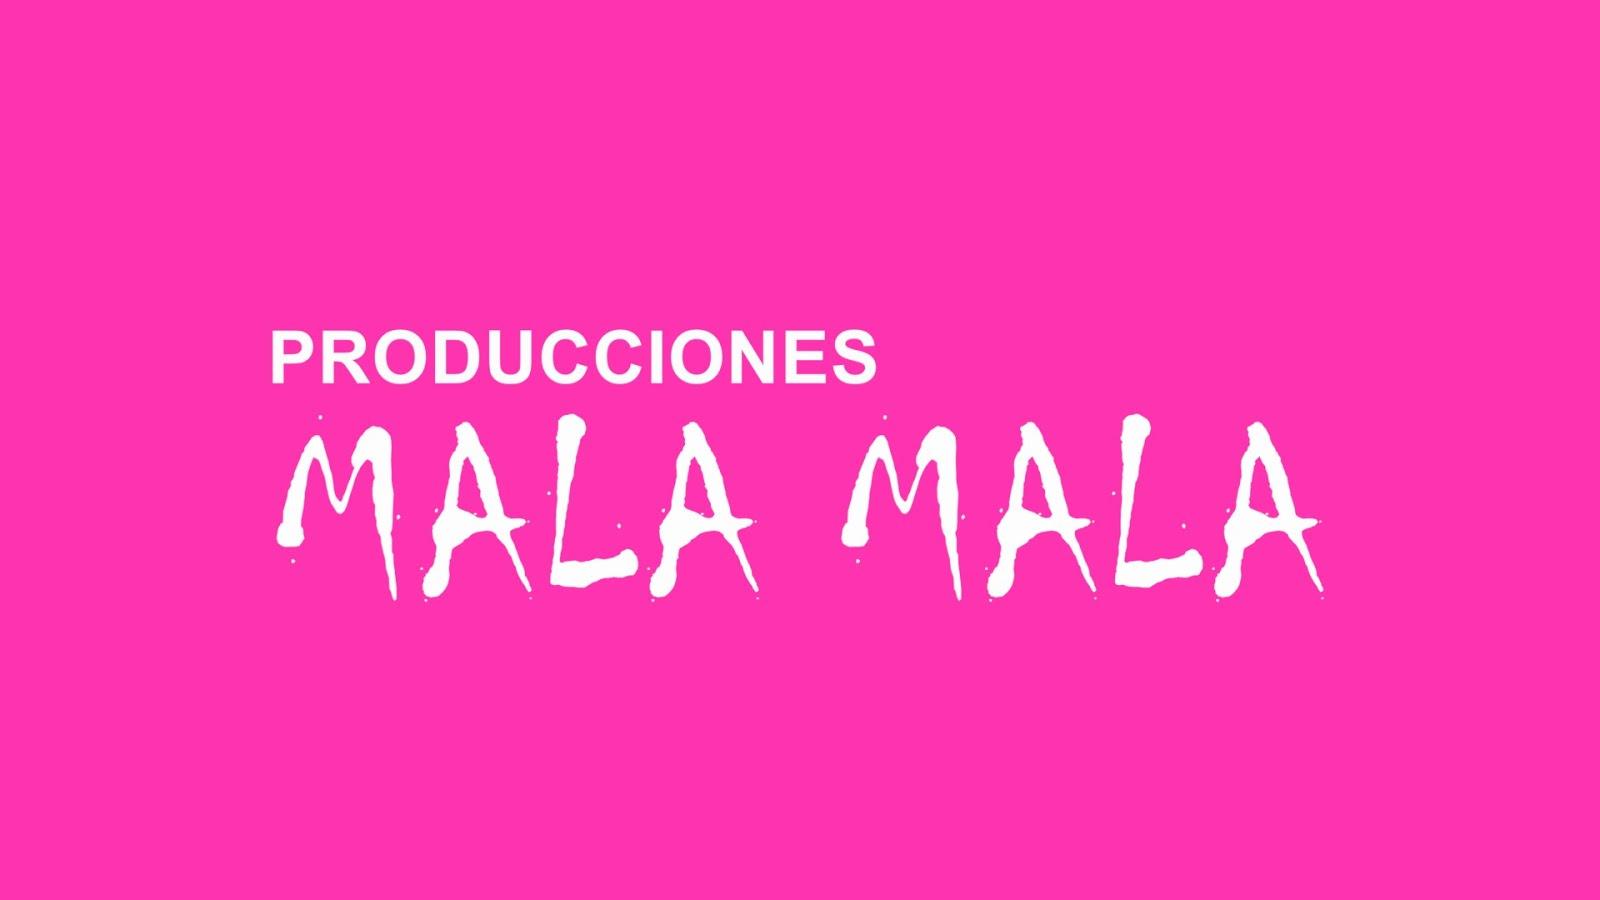 Producciones Mala Mala